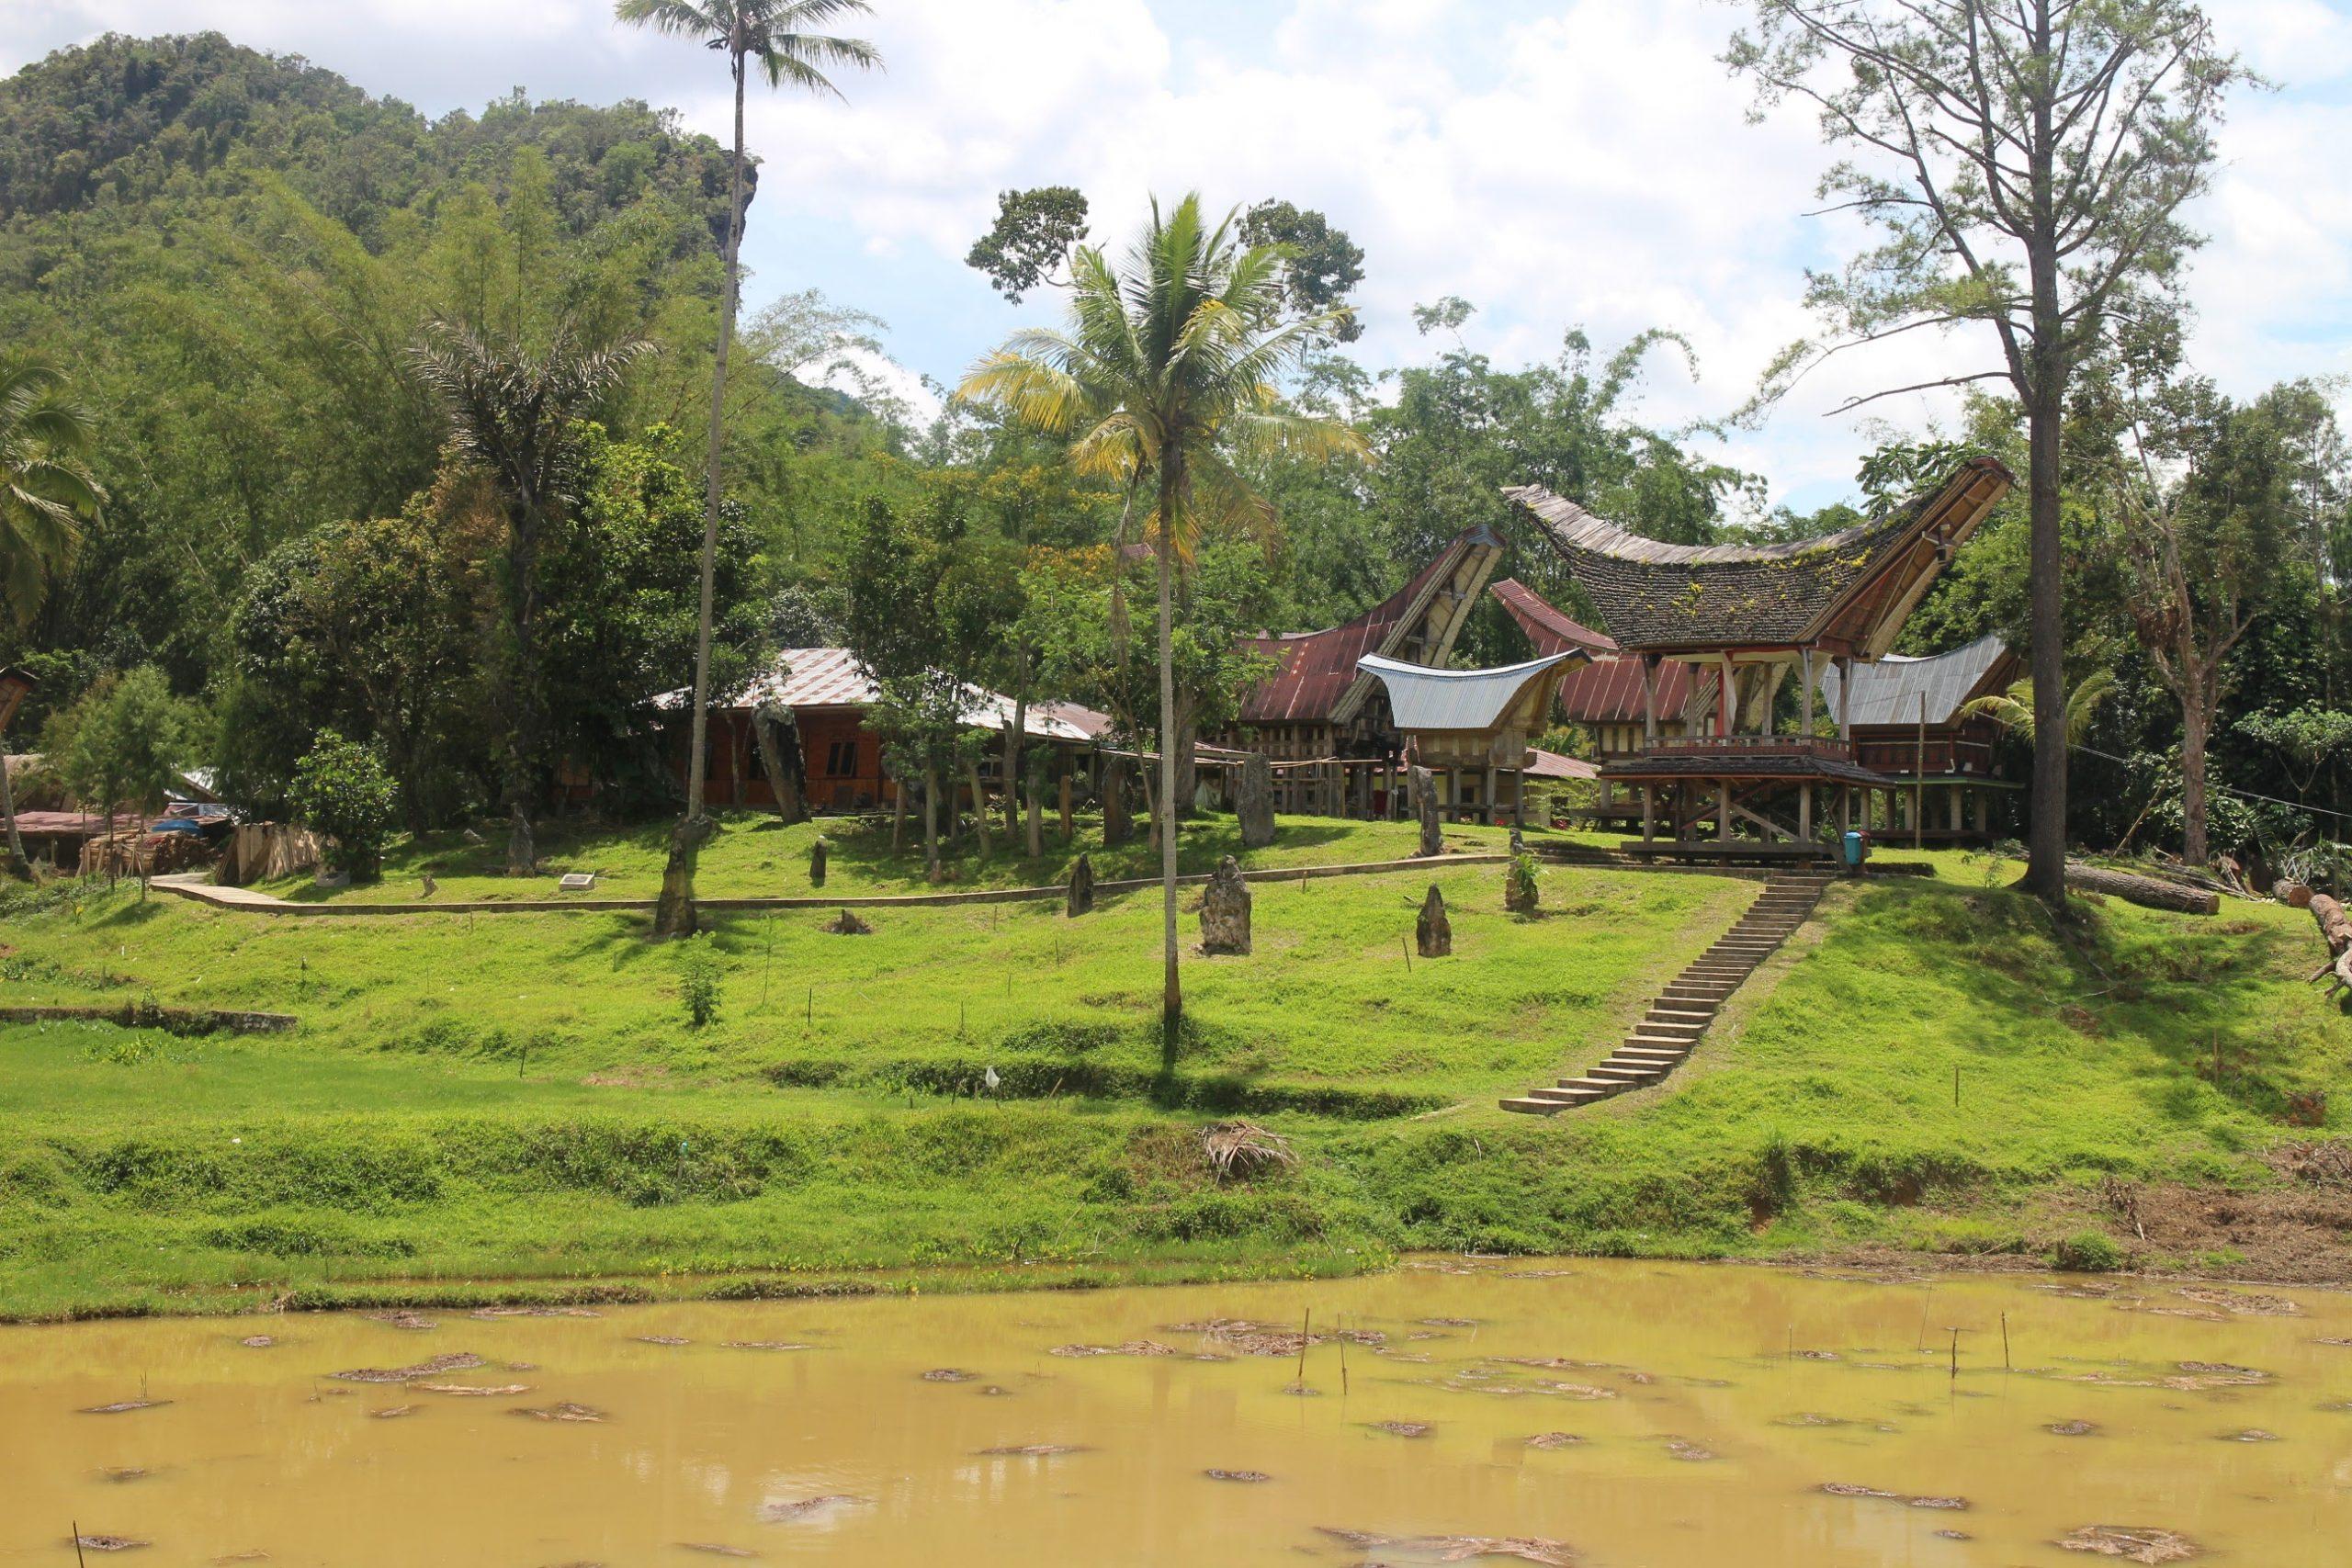 Produit scalaire, coordonnées, cosinus, hauteur, aire, ensemble, première, Kete Kesu, Toraja